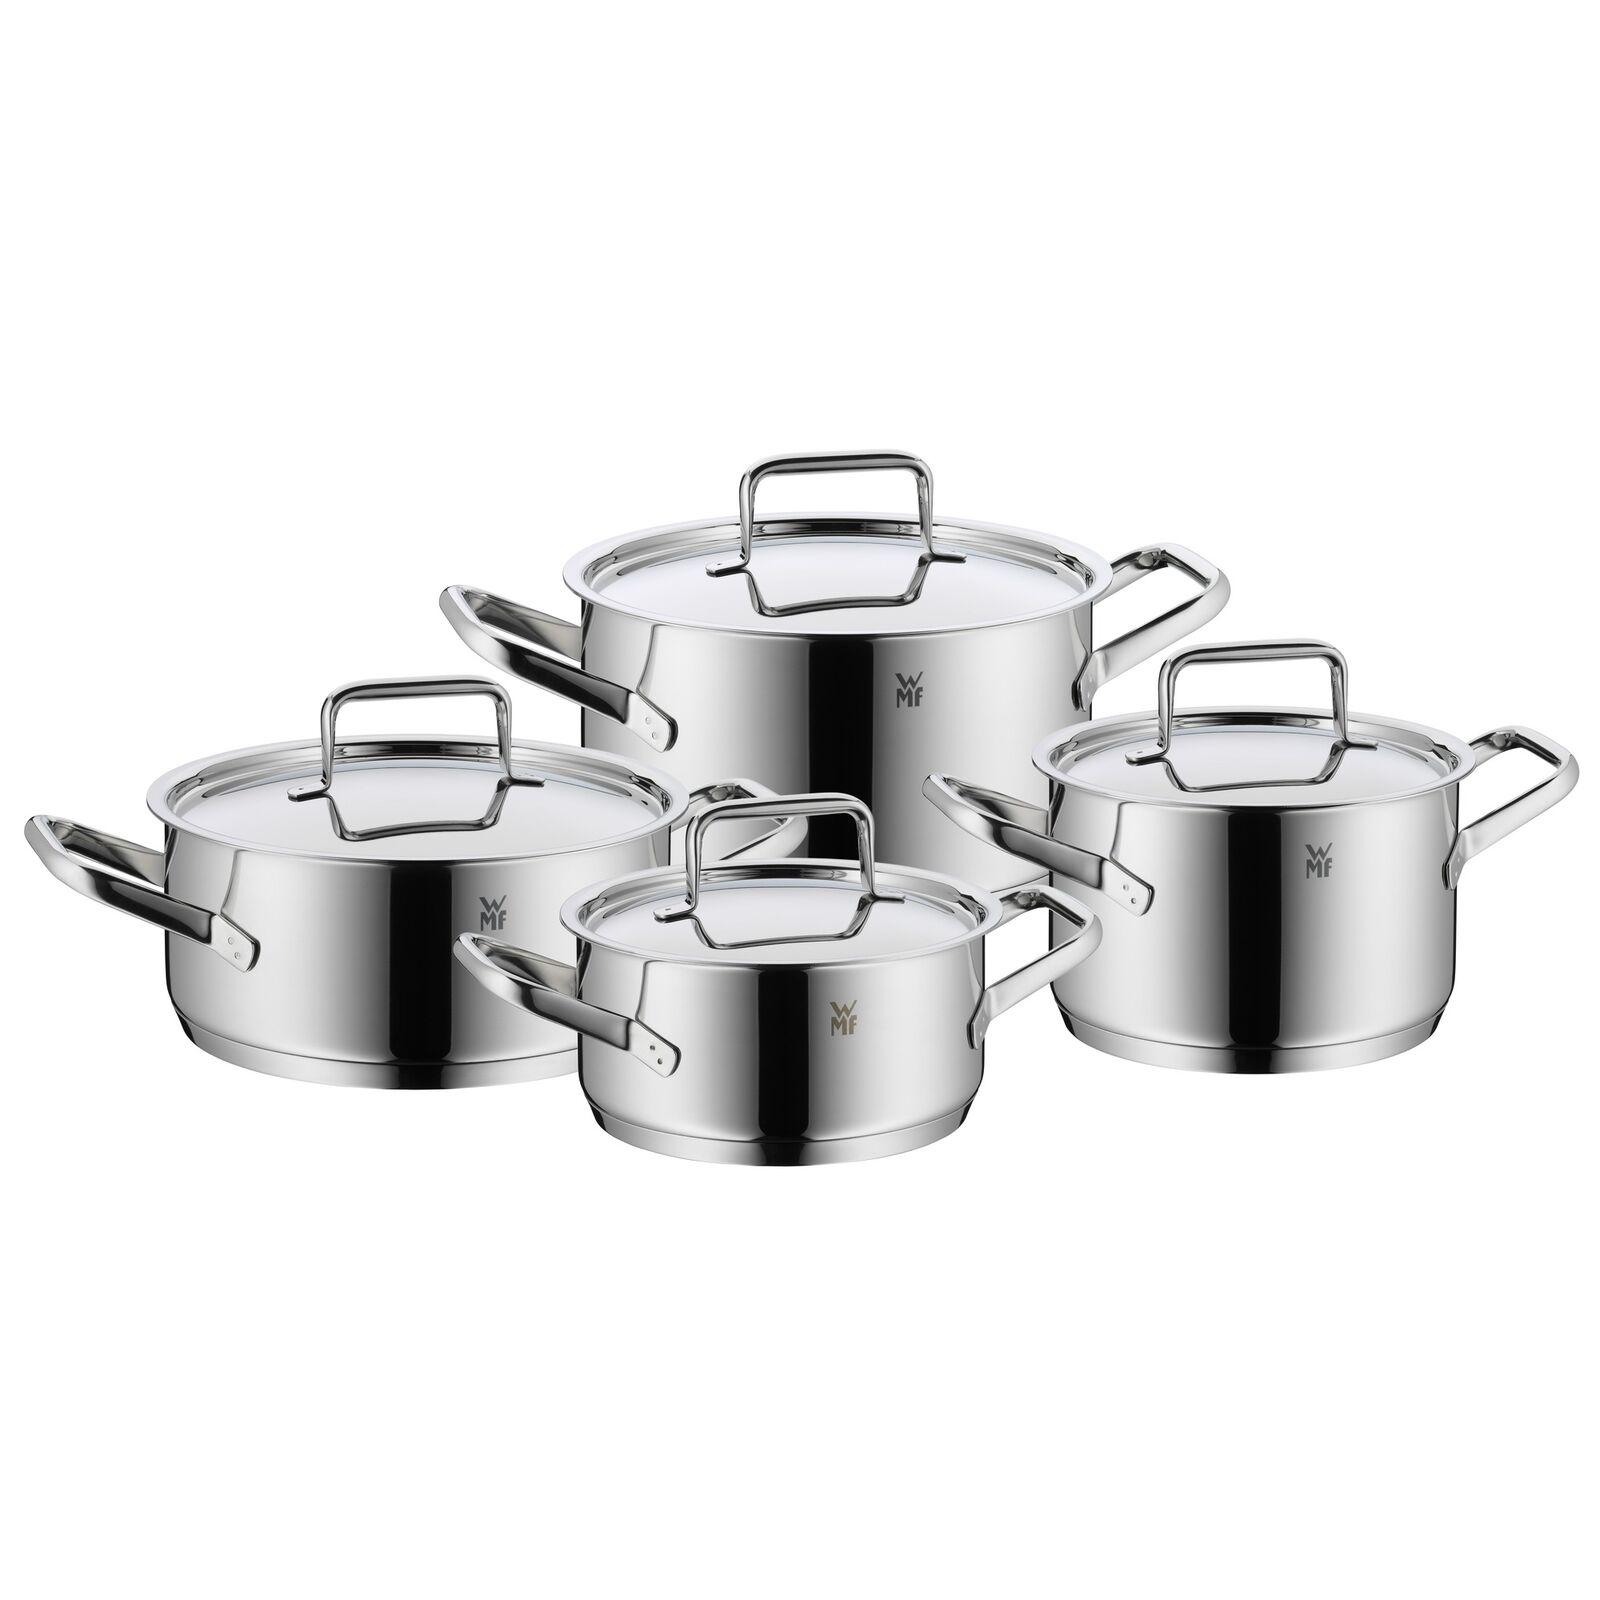 Bild zu 4-teiliges Kochtopf-Set WMF Trend Plus für 179,95€ (Vergleich: 203€)